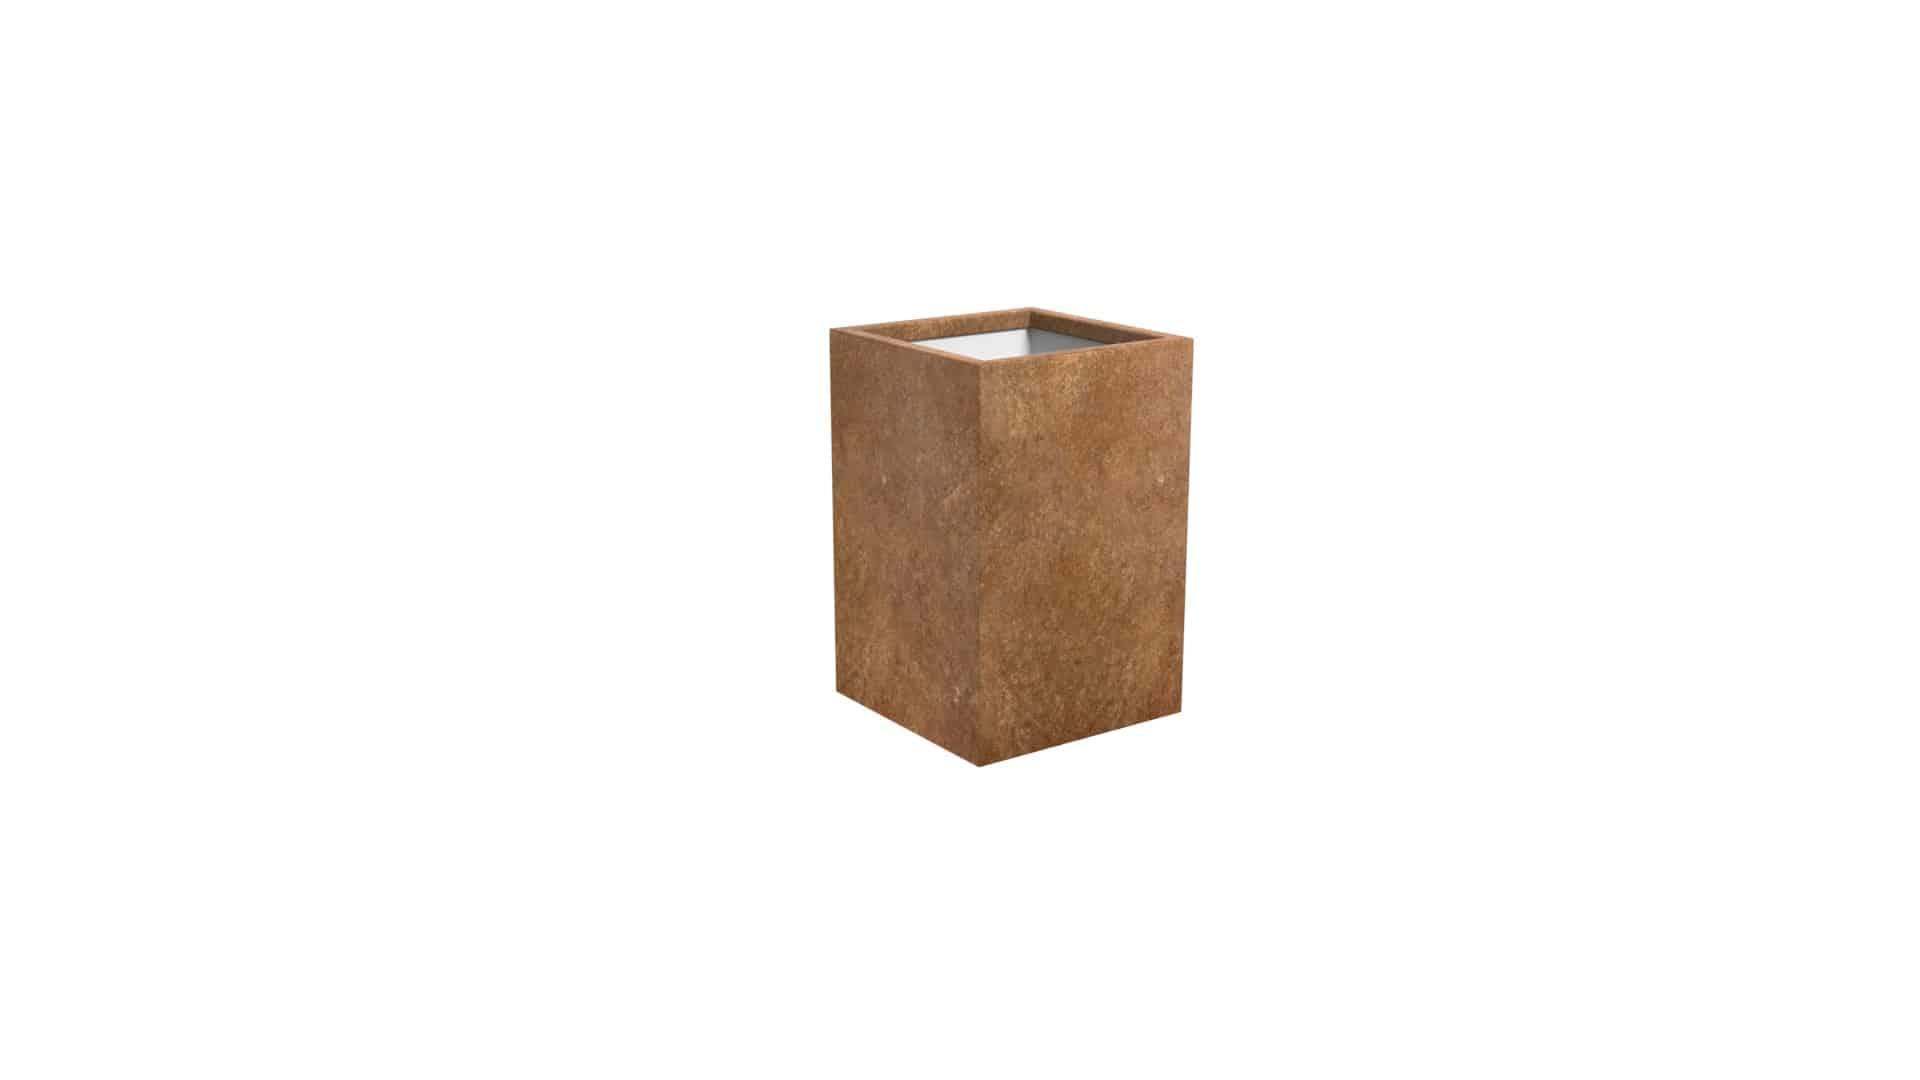 mała doniczka metalowa Cubi 13